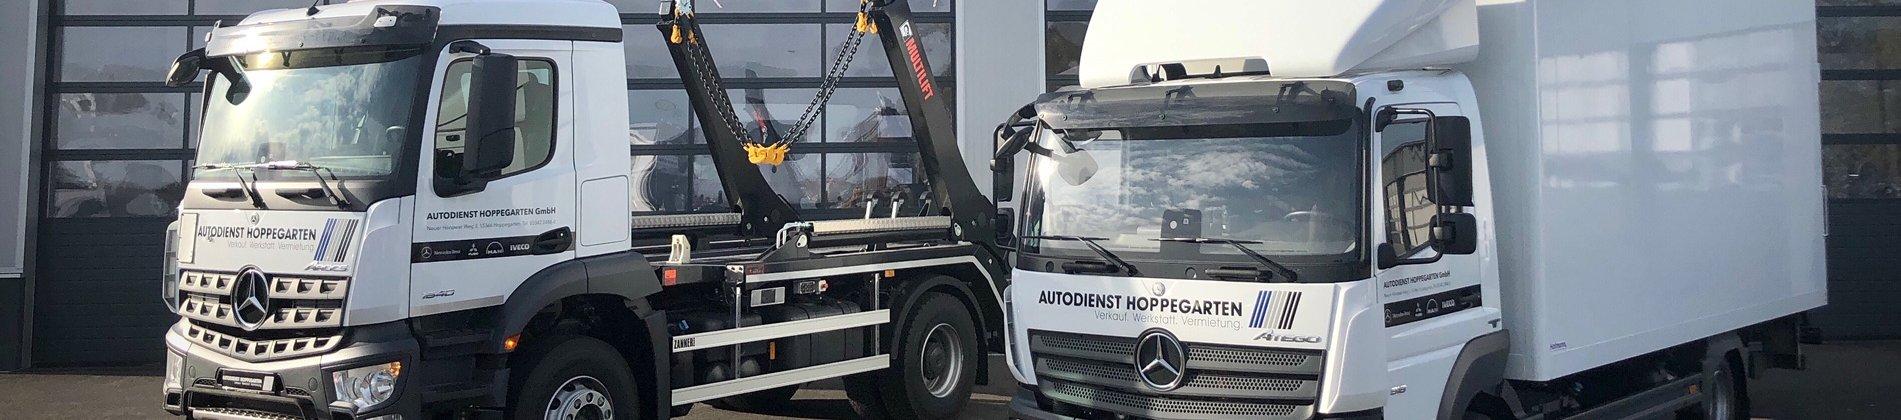 Unsere Neuzugänge im Fuhrpark und kurzfristig verfügbar: Mercedes-Benz Arocs 1840 K Multilift Absetzkipper. Mercedes-Benz Atego 818L Koffer mit Ladebordwand.